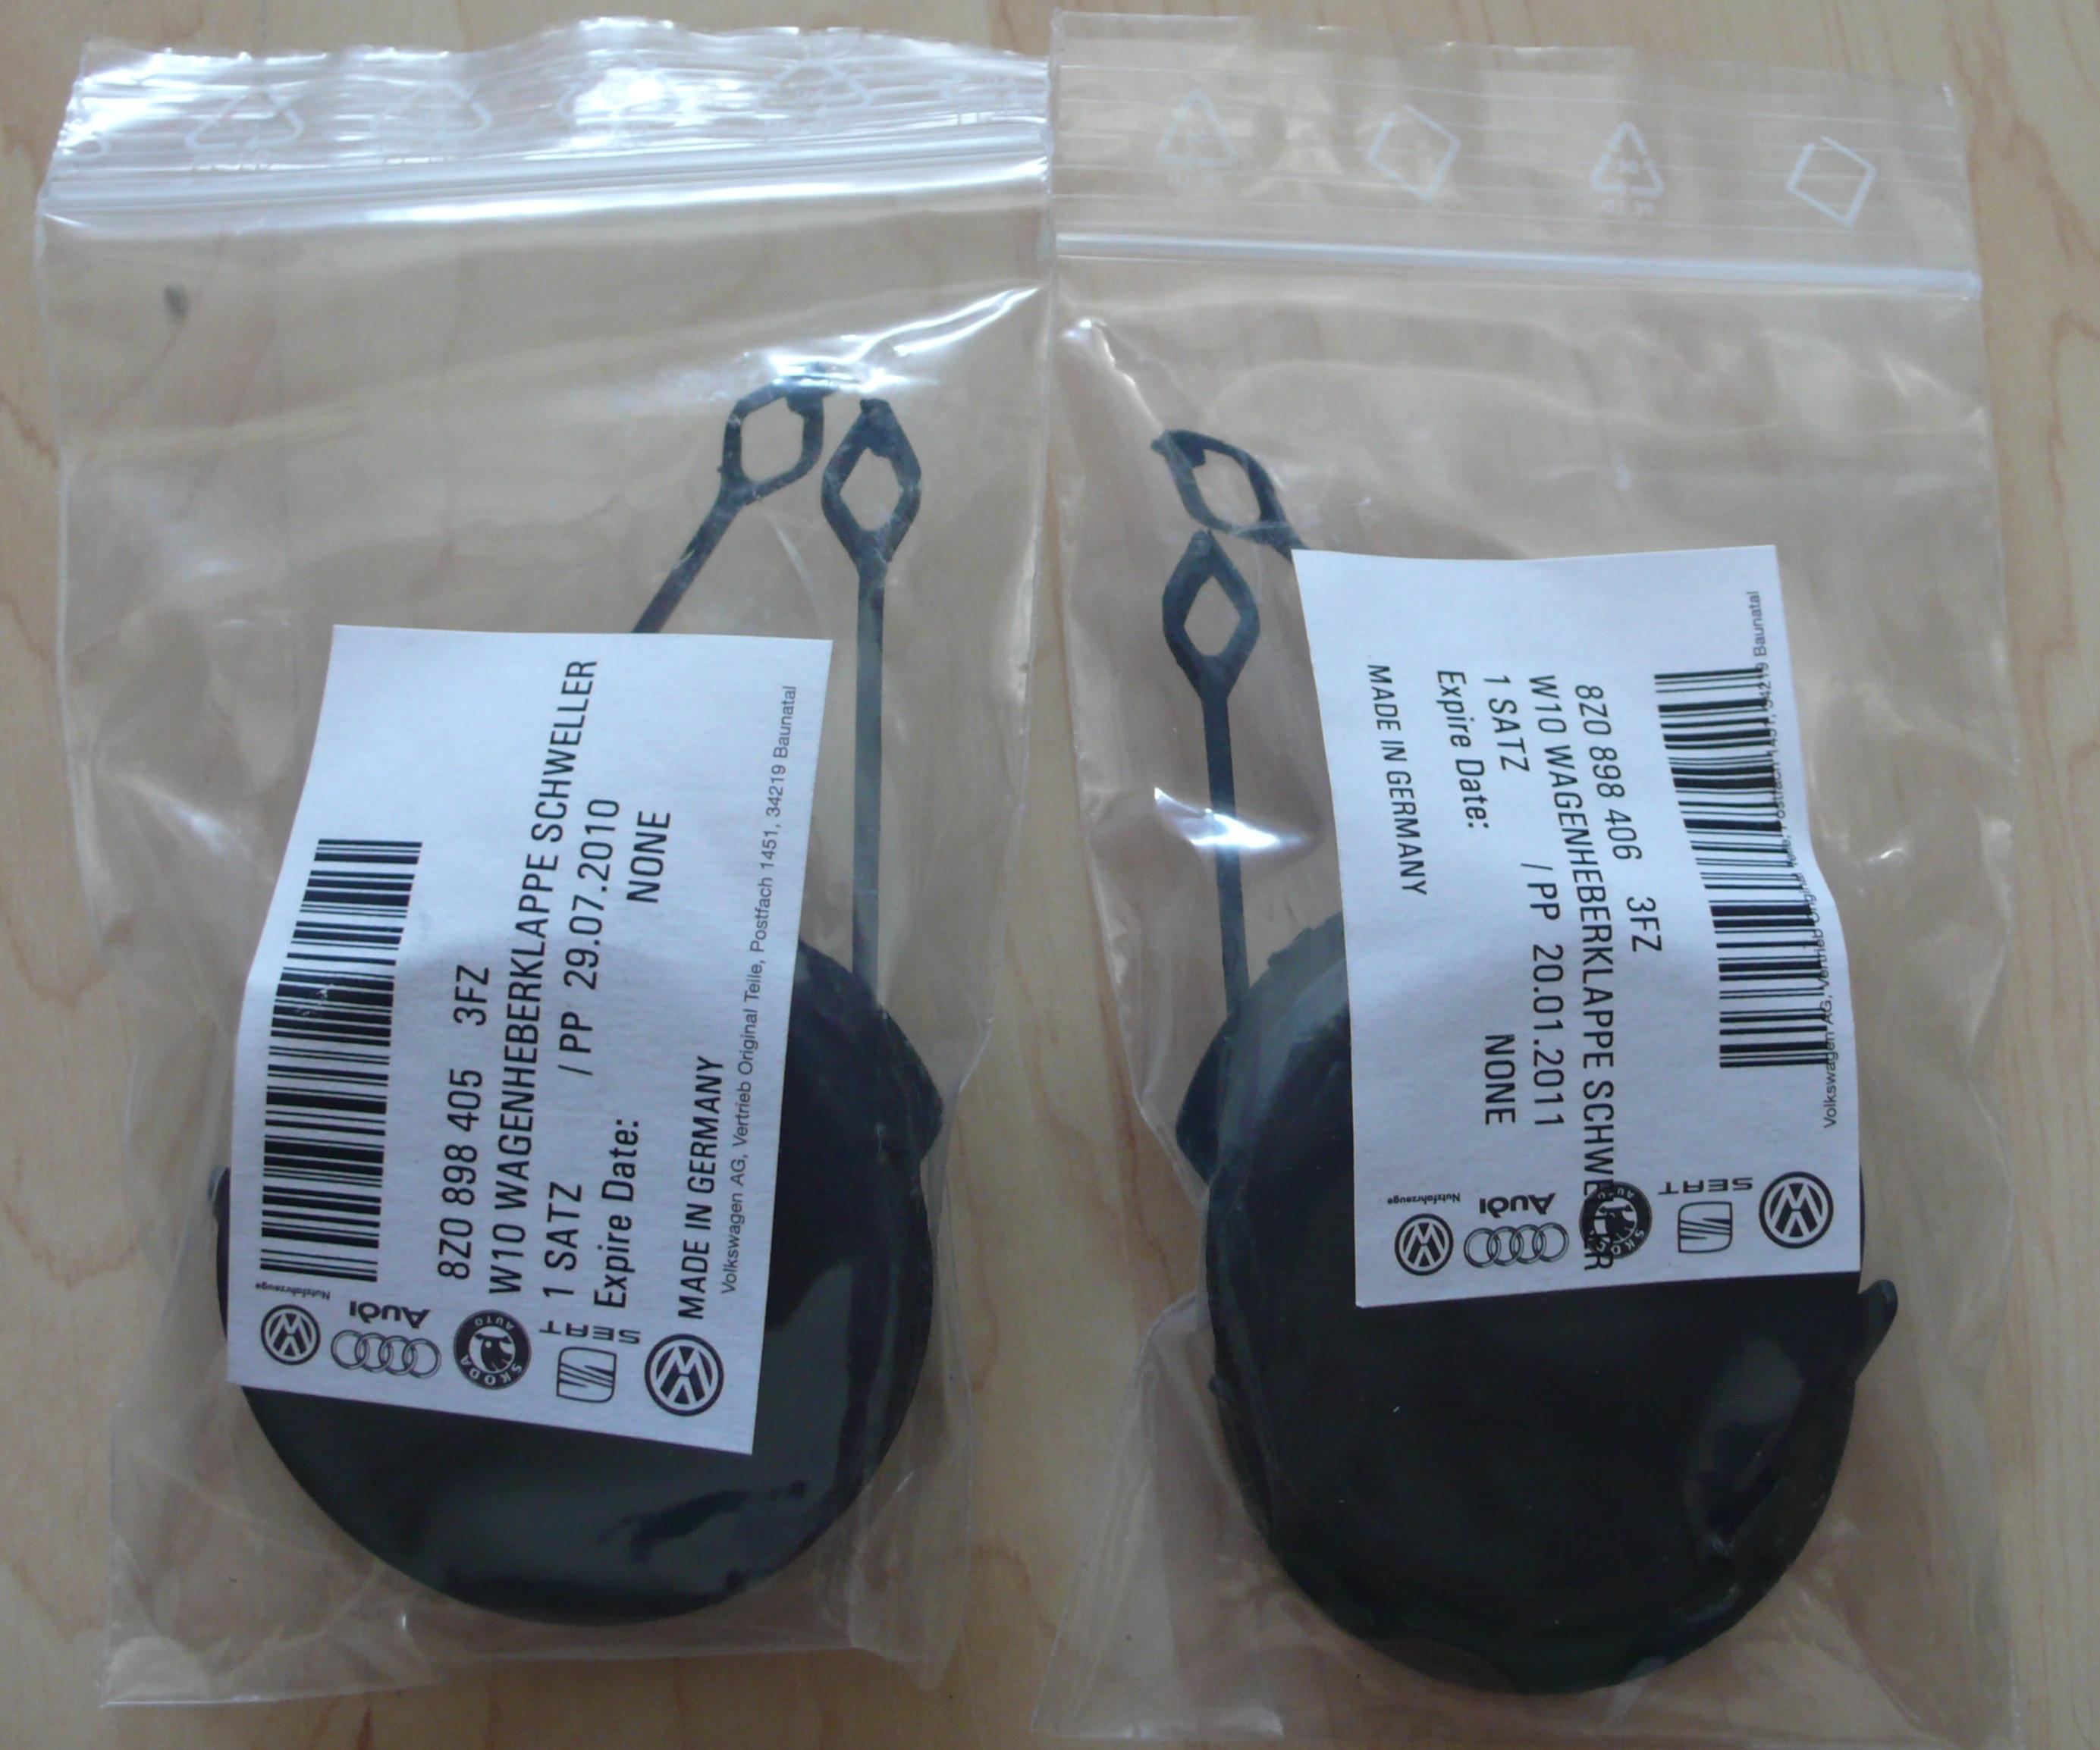 Abdeckkappen-verpackt2.JPG.63a9d528c35f0dea28d3559a7c5abeb3.JPG